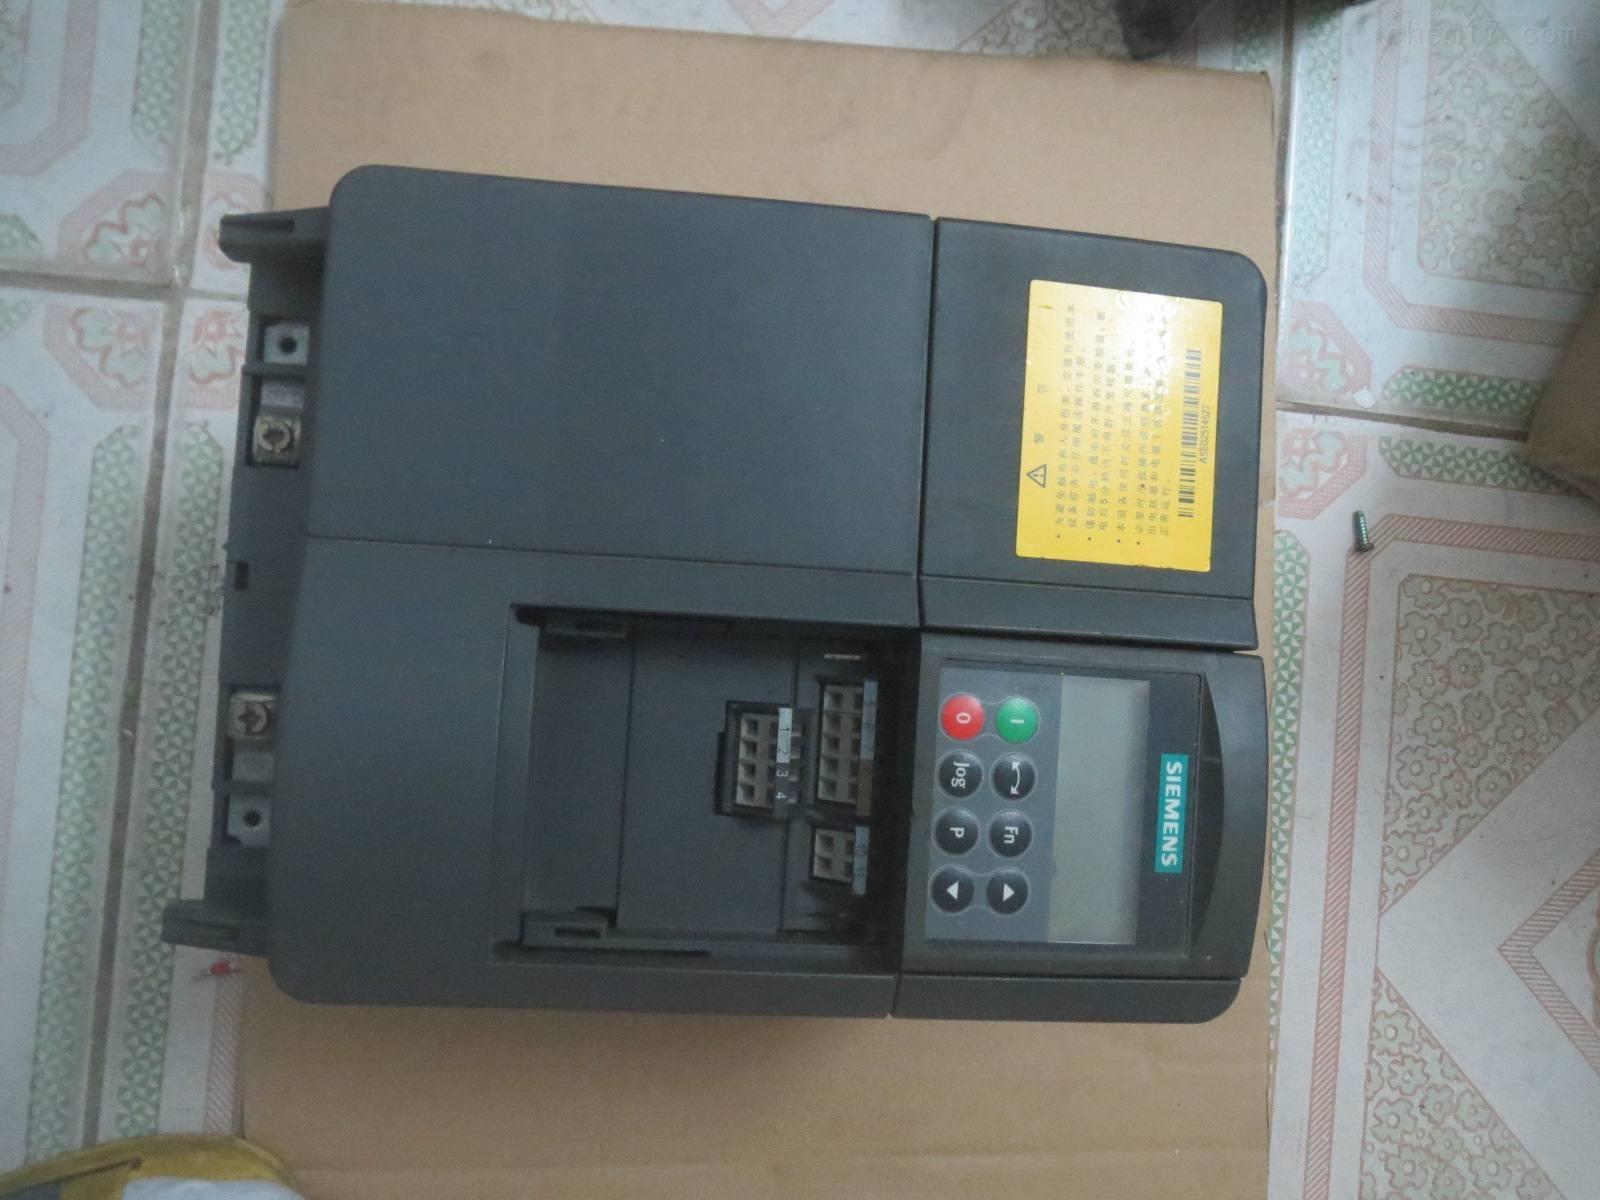 西门子变频器420系列中国区域代理